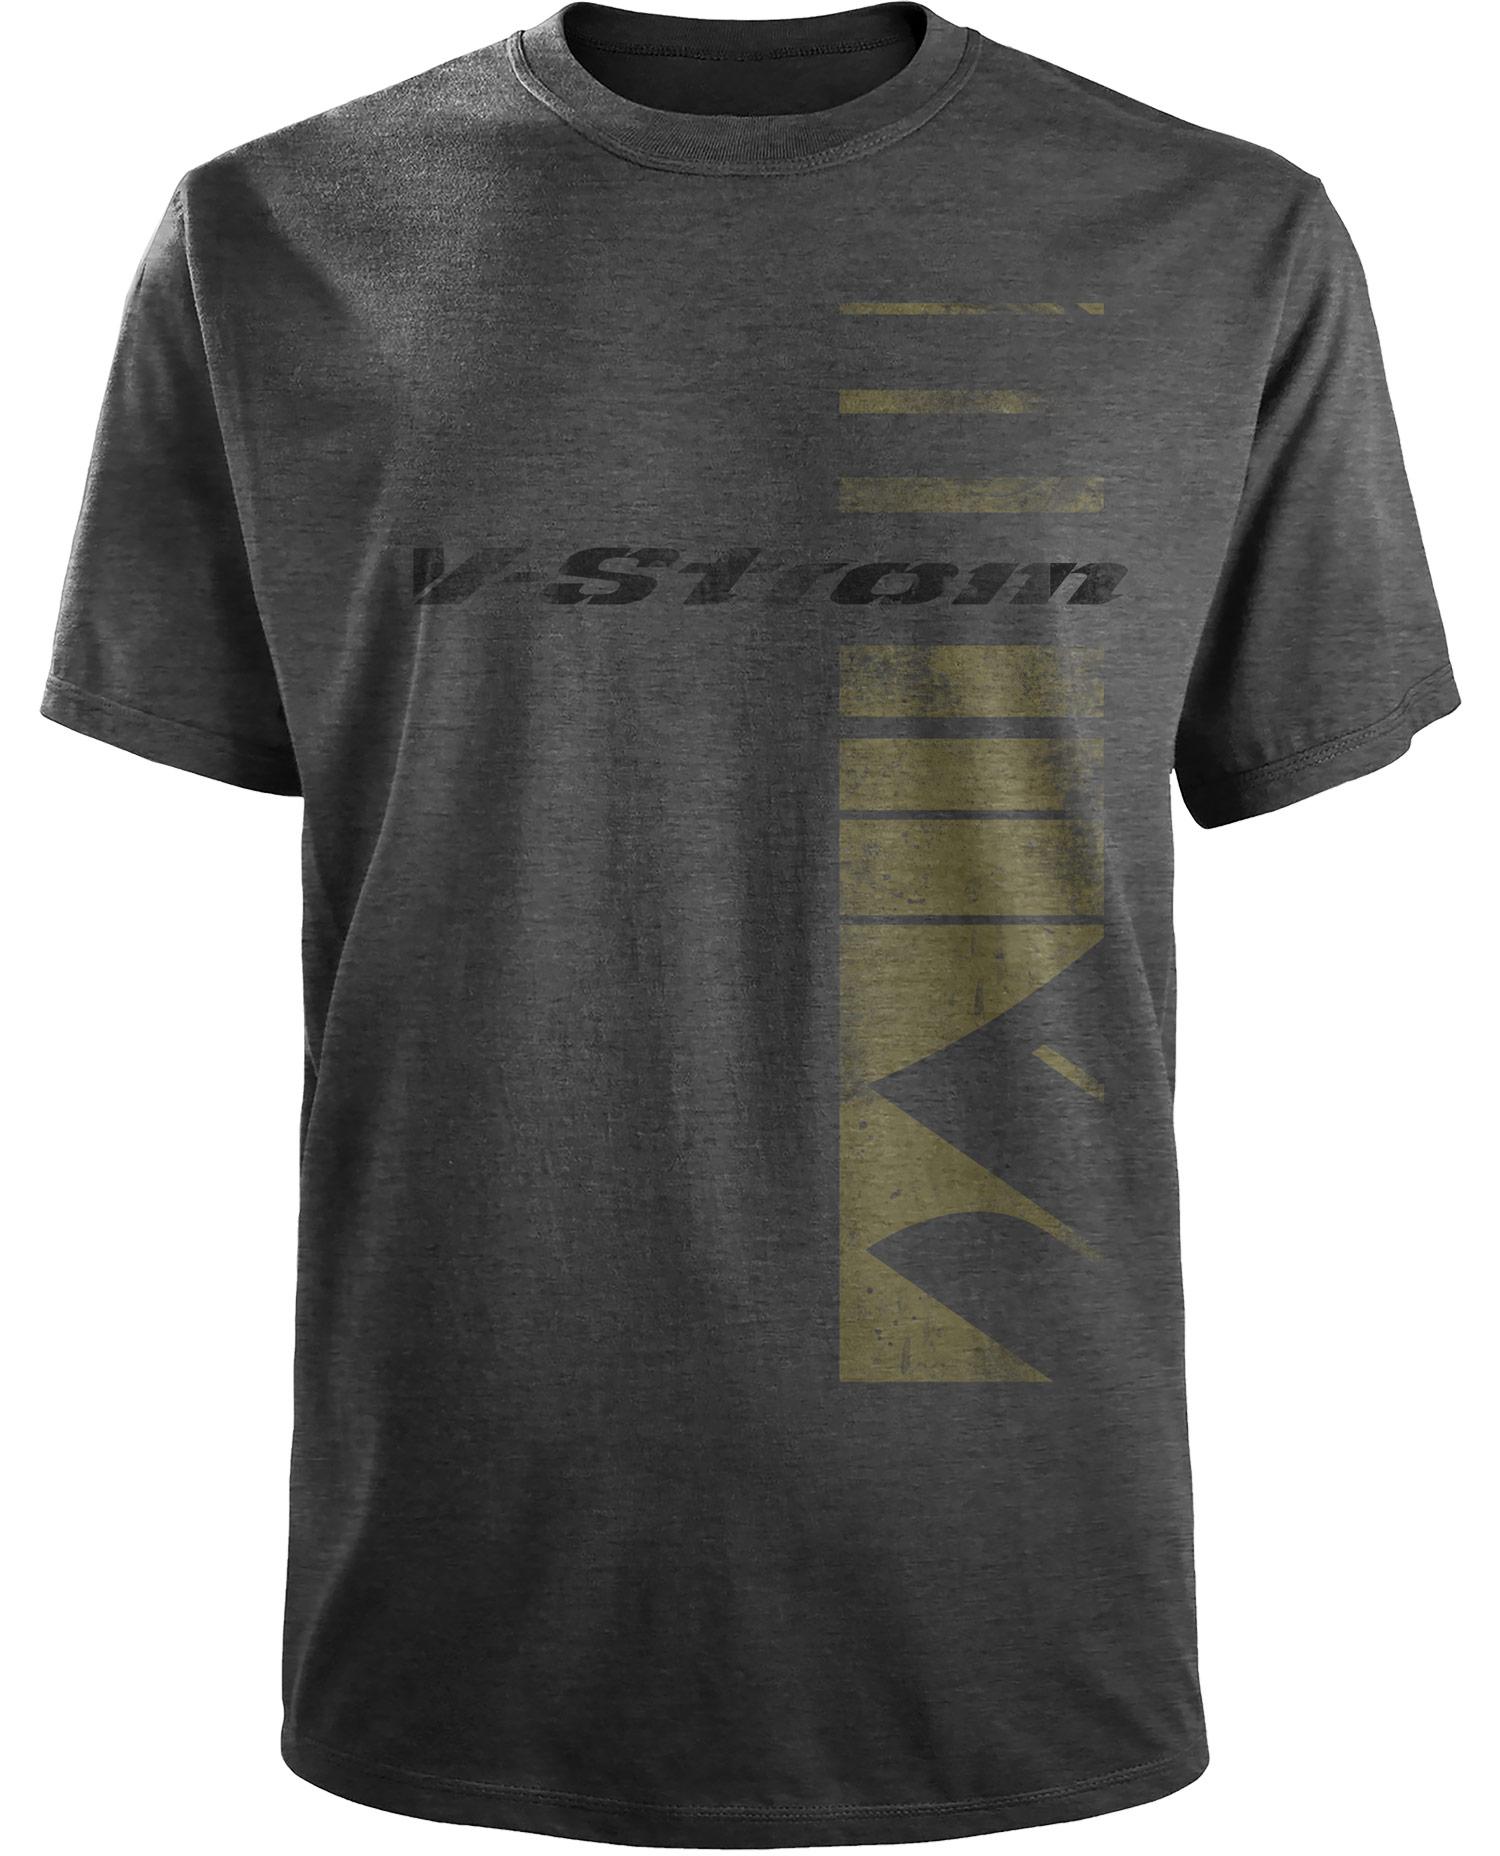 V-Strom Vintage T-shirt